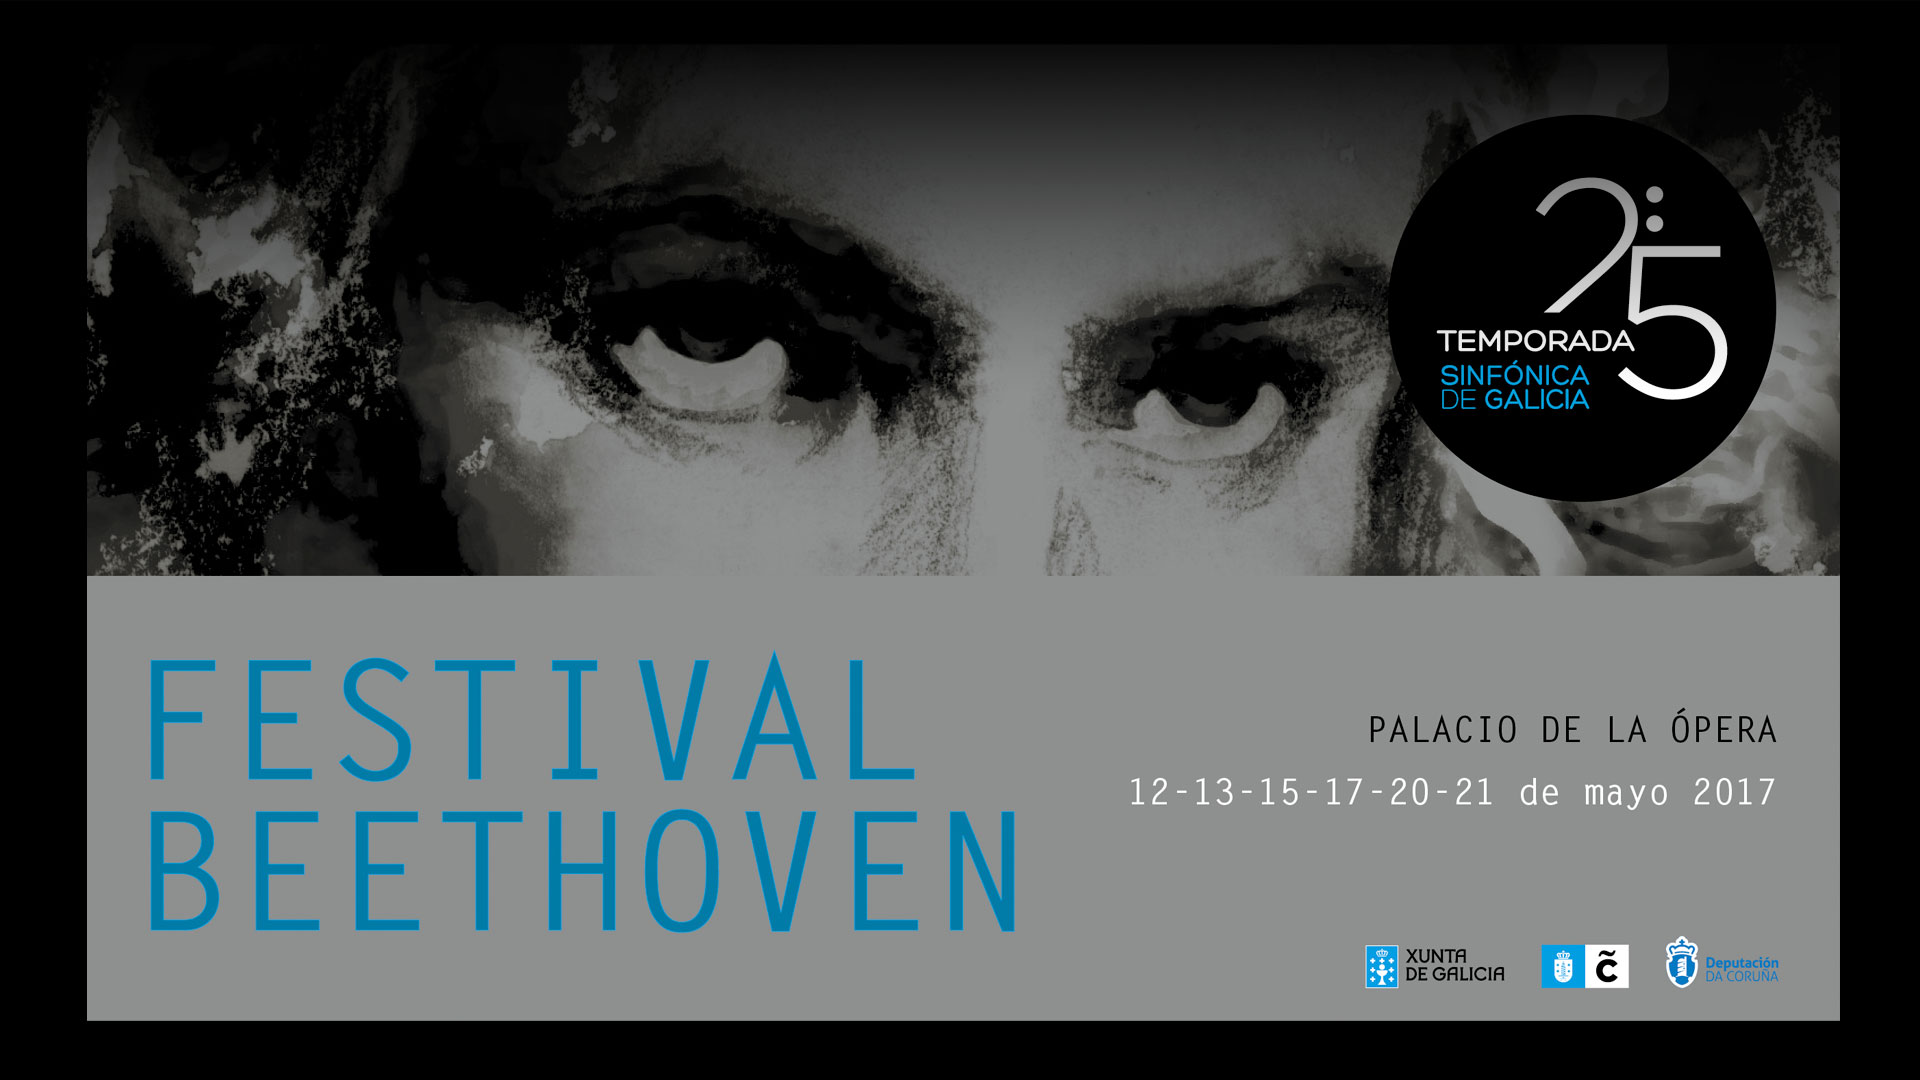 Festival Beethoven Sinfonica De Galicia